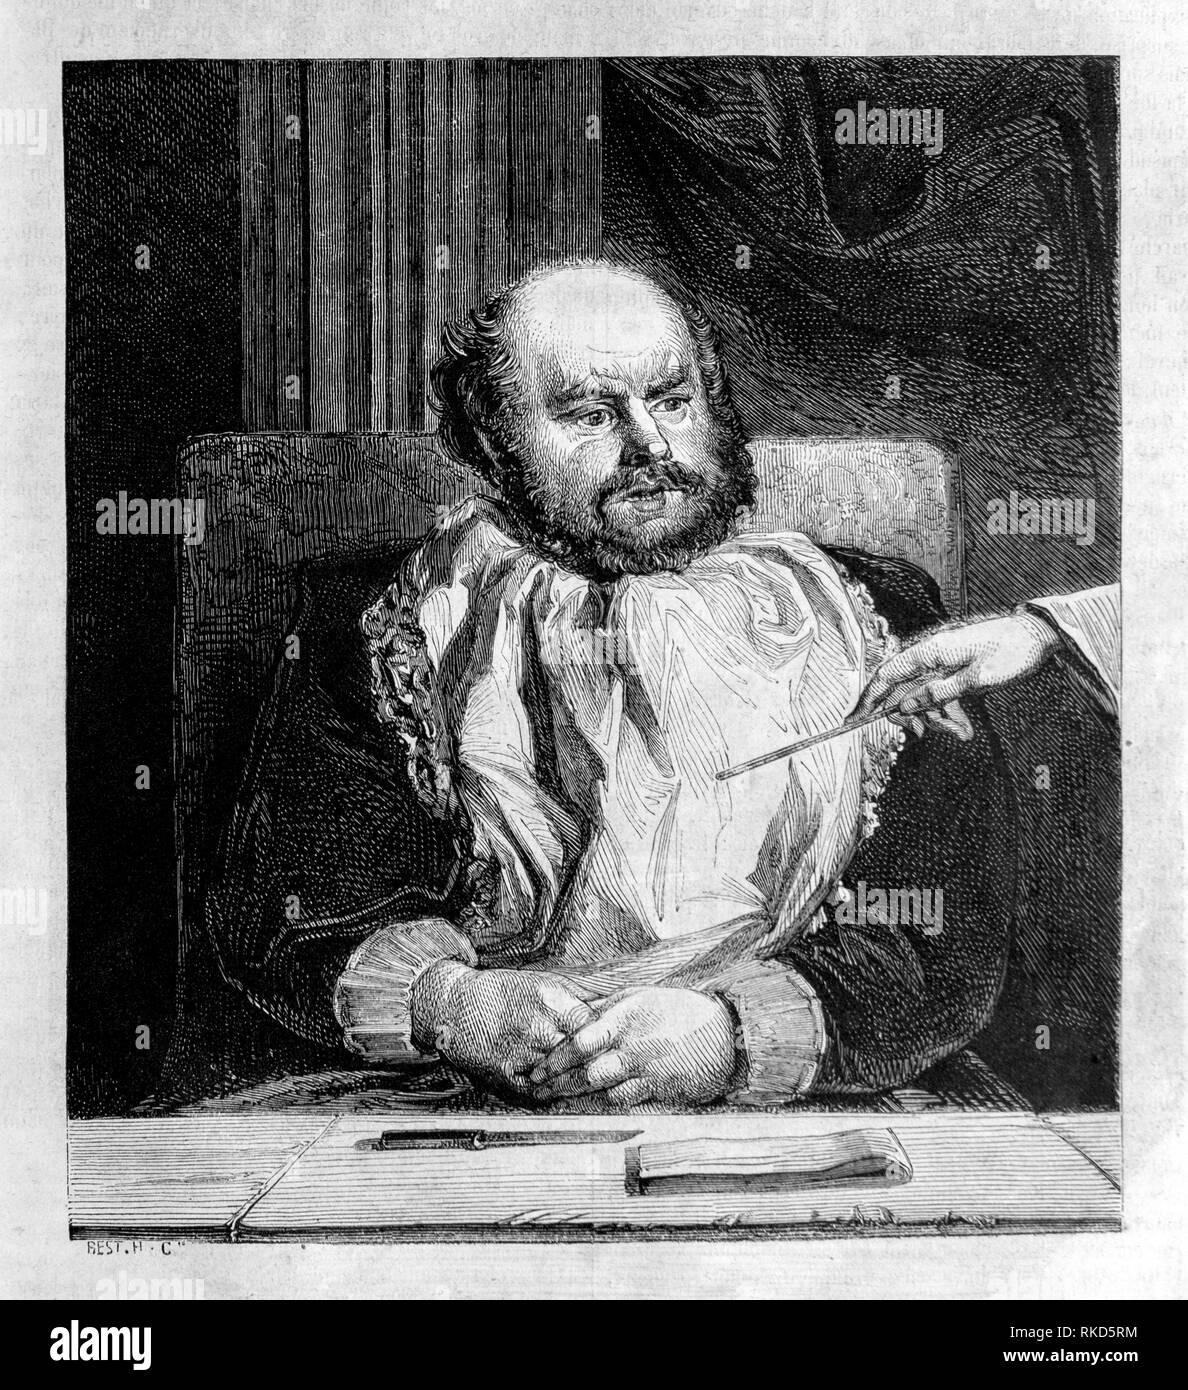 Sancho Panza è un personaggio immaginario nel romanzo Don Chisciotte scritto dall autore spagnolo Don Miguel de Cervantes Saavedra nel 1605. Sancho agisce come Immagini Stock